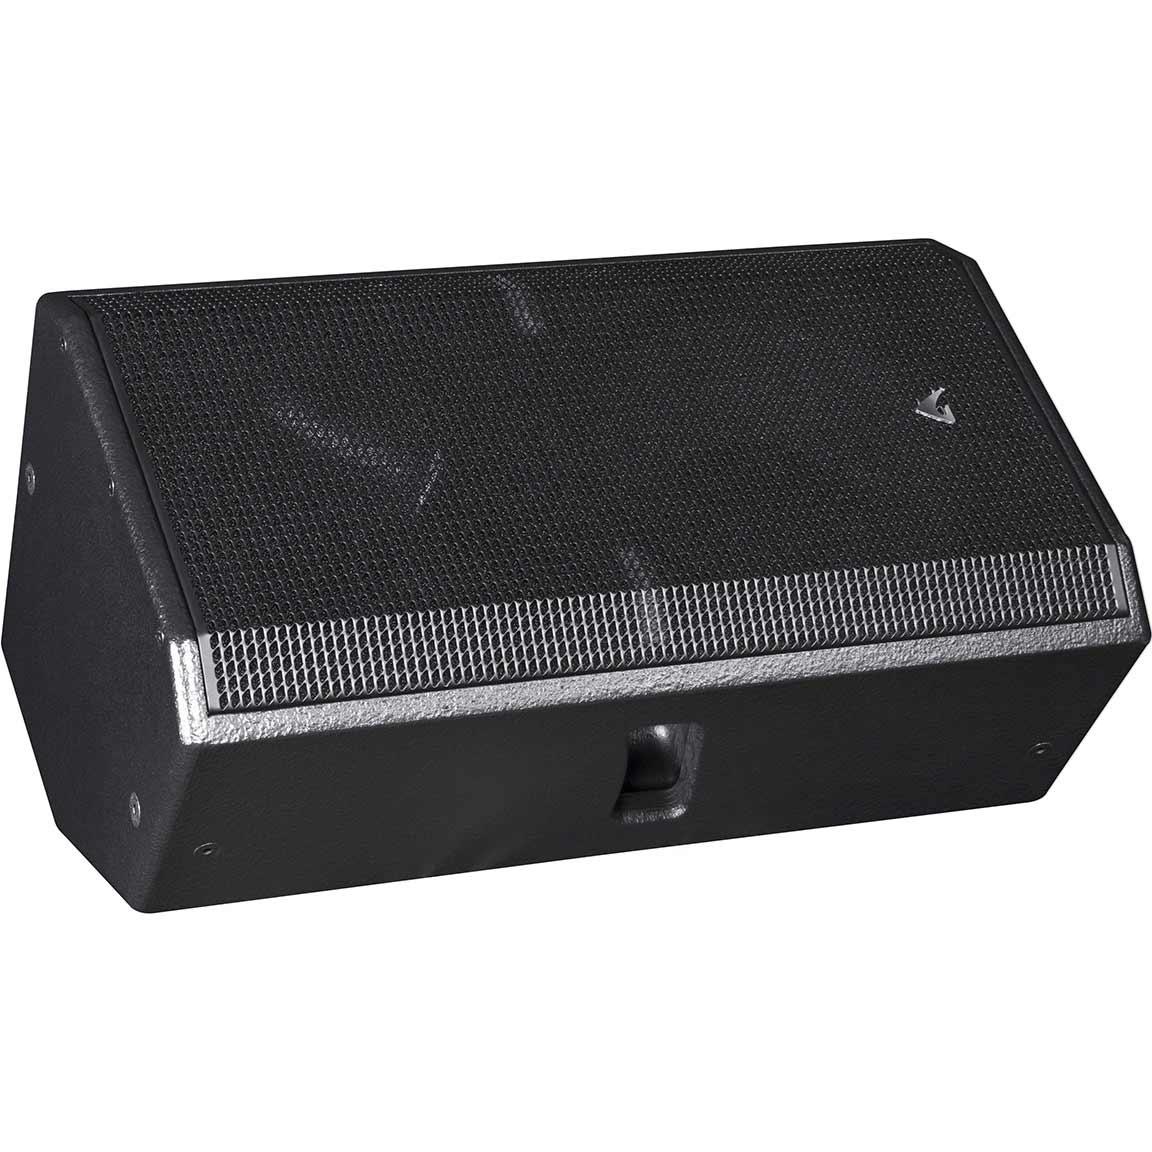 Axiom ED120P - Пассивная акустическая система 12'' с несимметричной диаграммой направленности, 680–1360 Вт, черного цвета